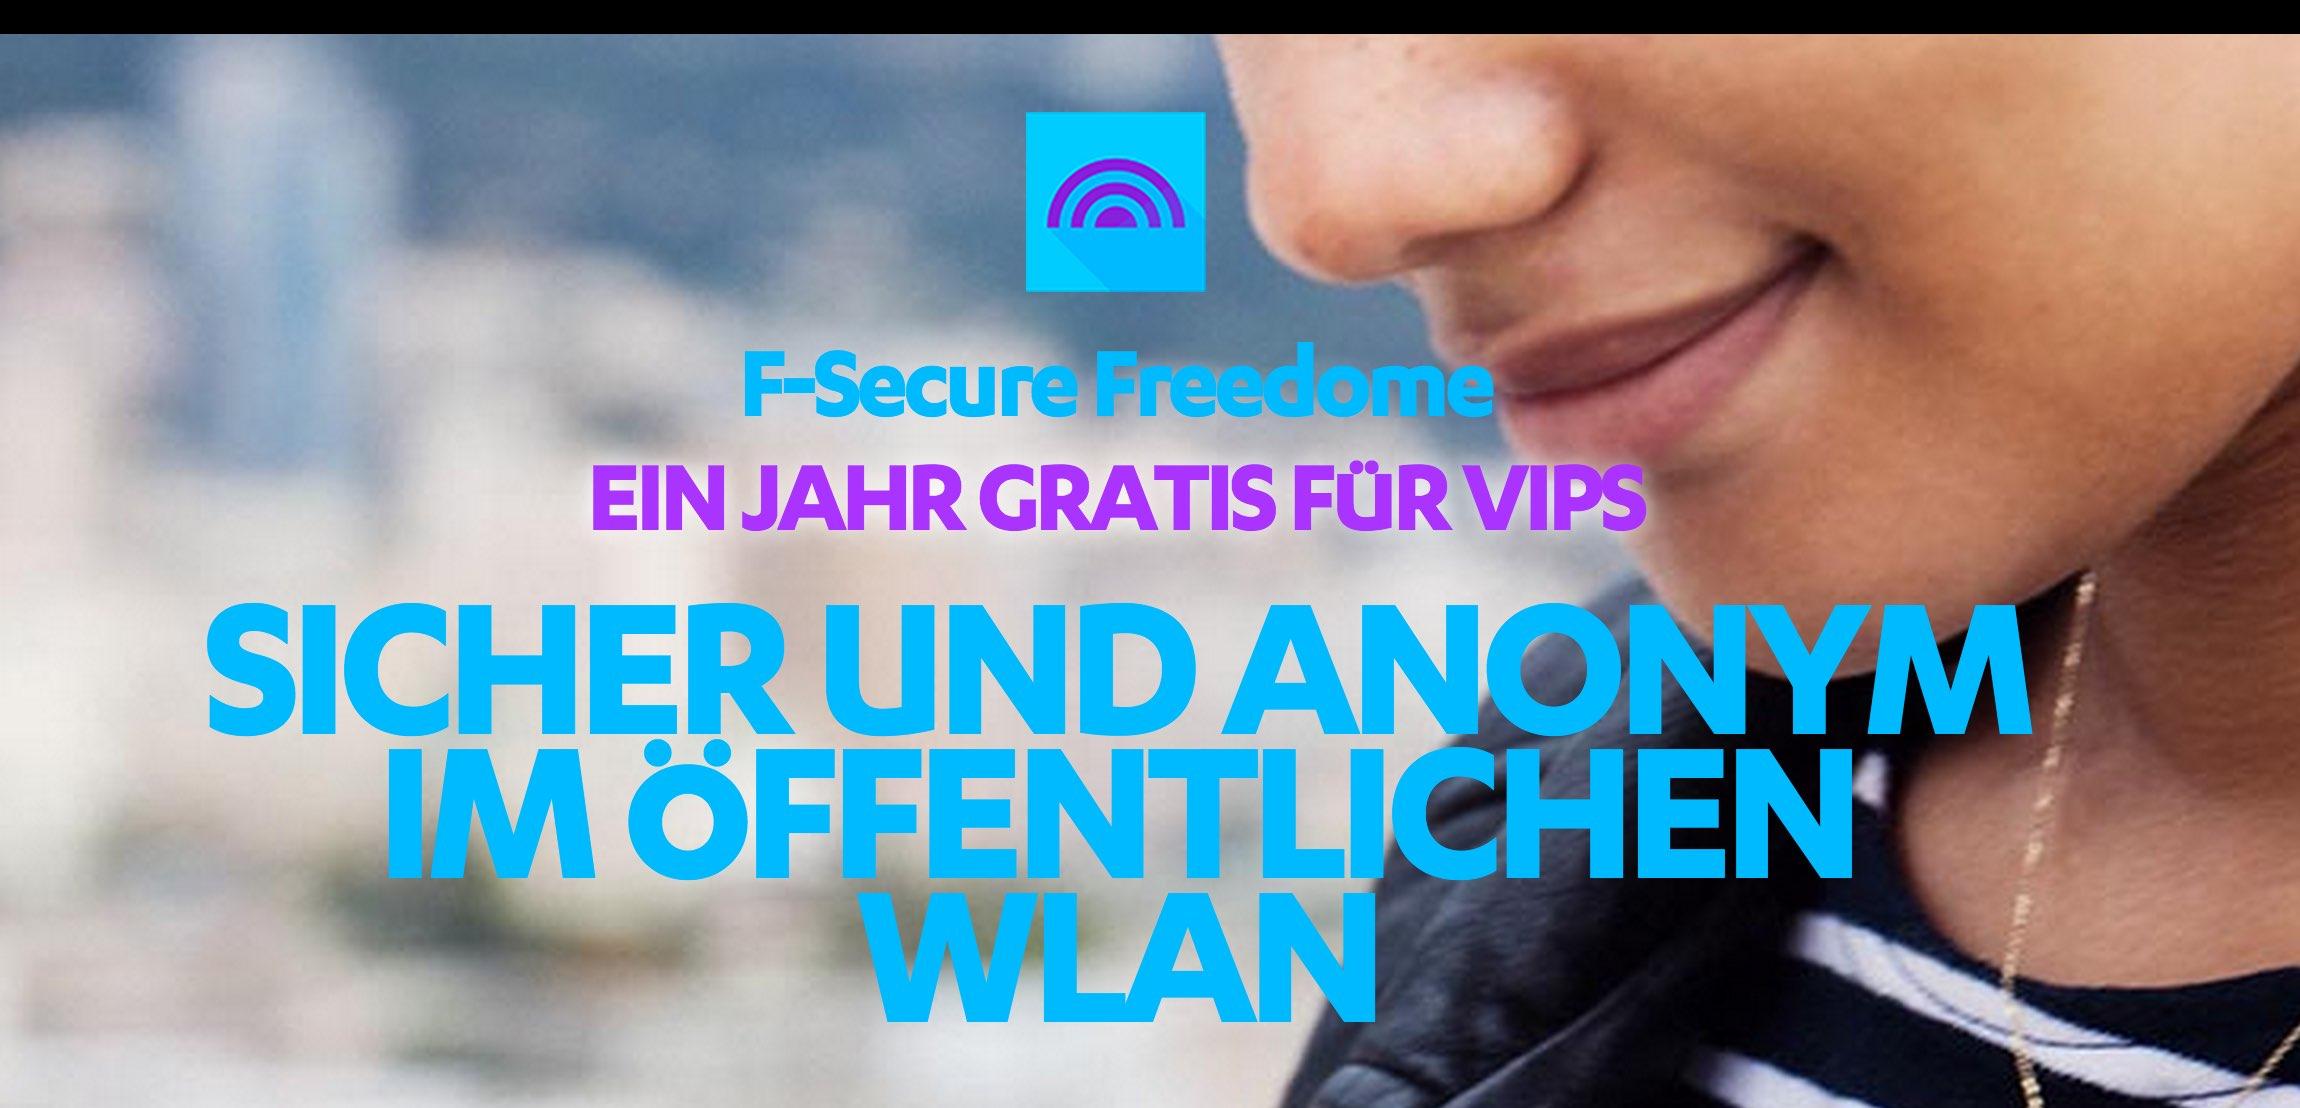 VPN kostenlos für iPhone & iPad: F-Secure Freedome VPN 1 Jahr testen 9